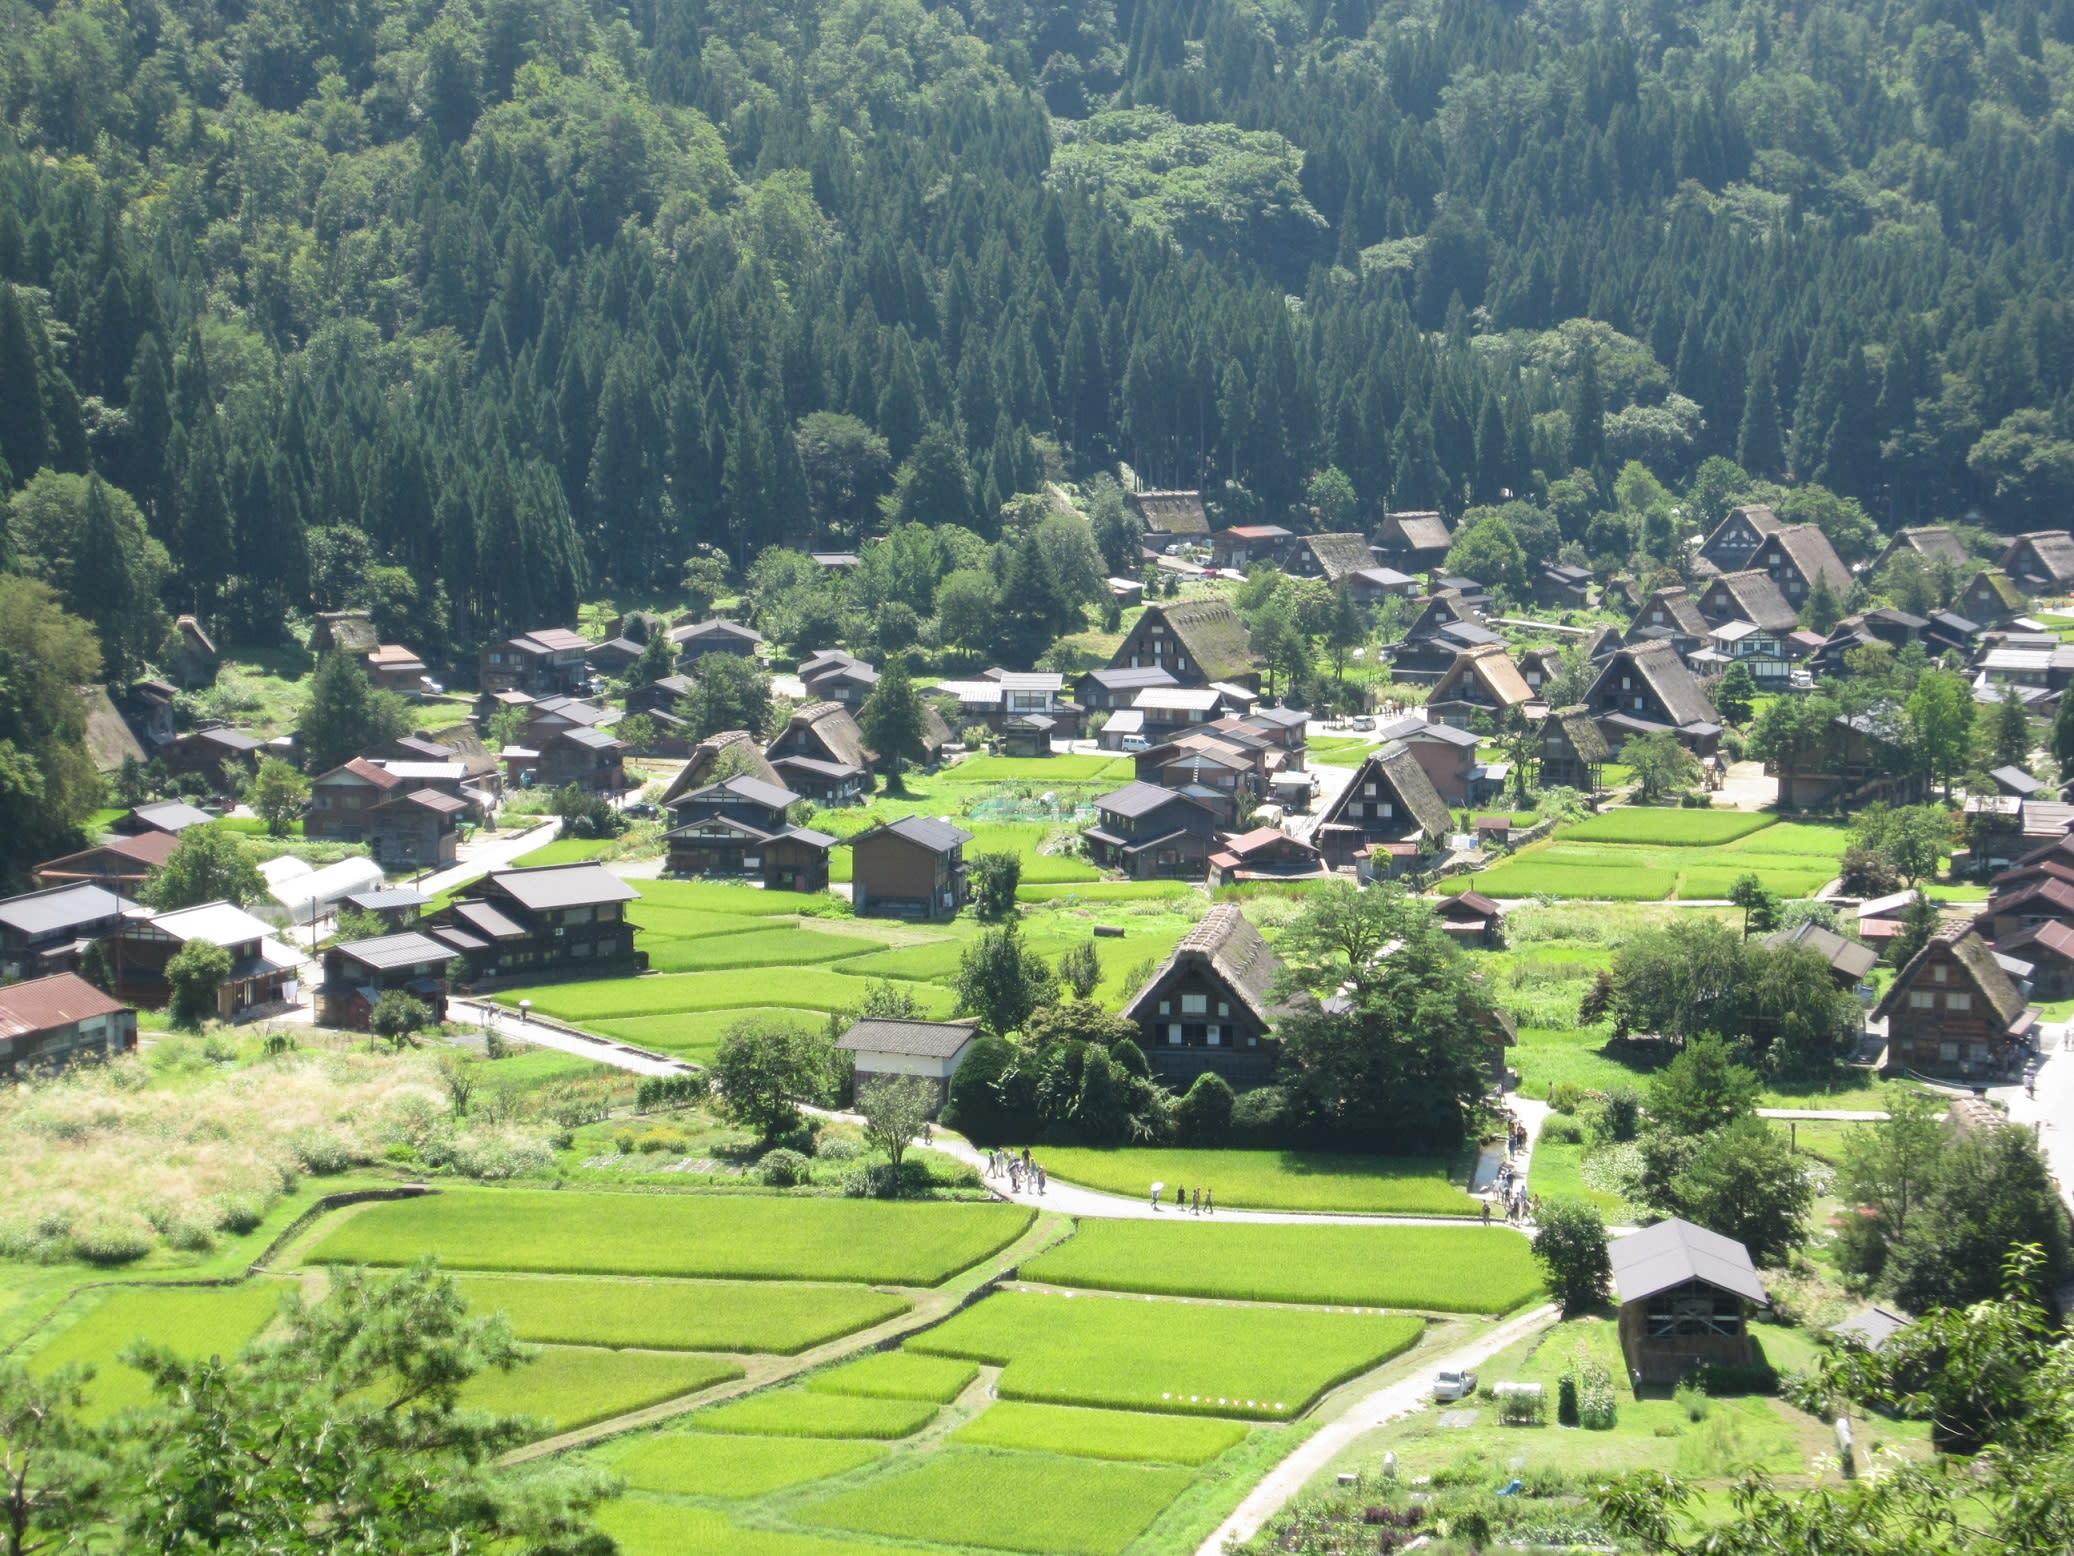 Day Trip to Shirakawago, Gokayama or Takayama from Kanazawa!